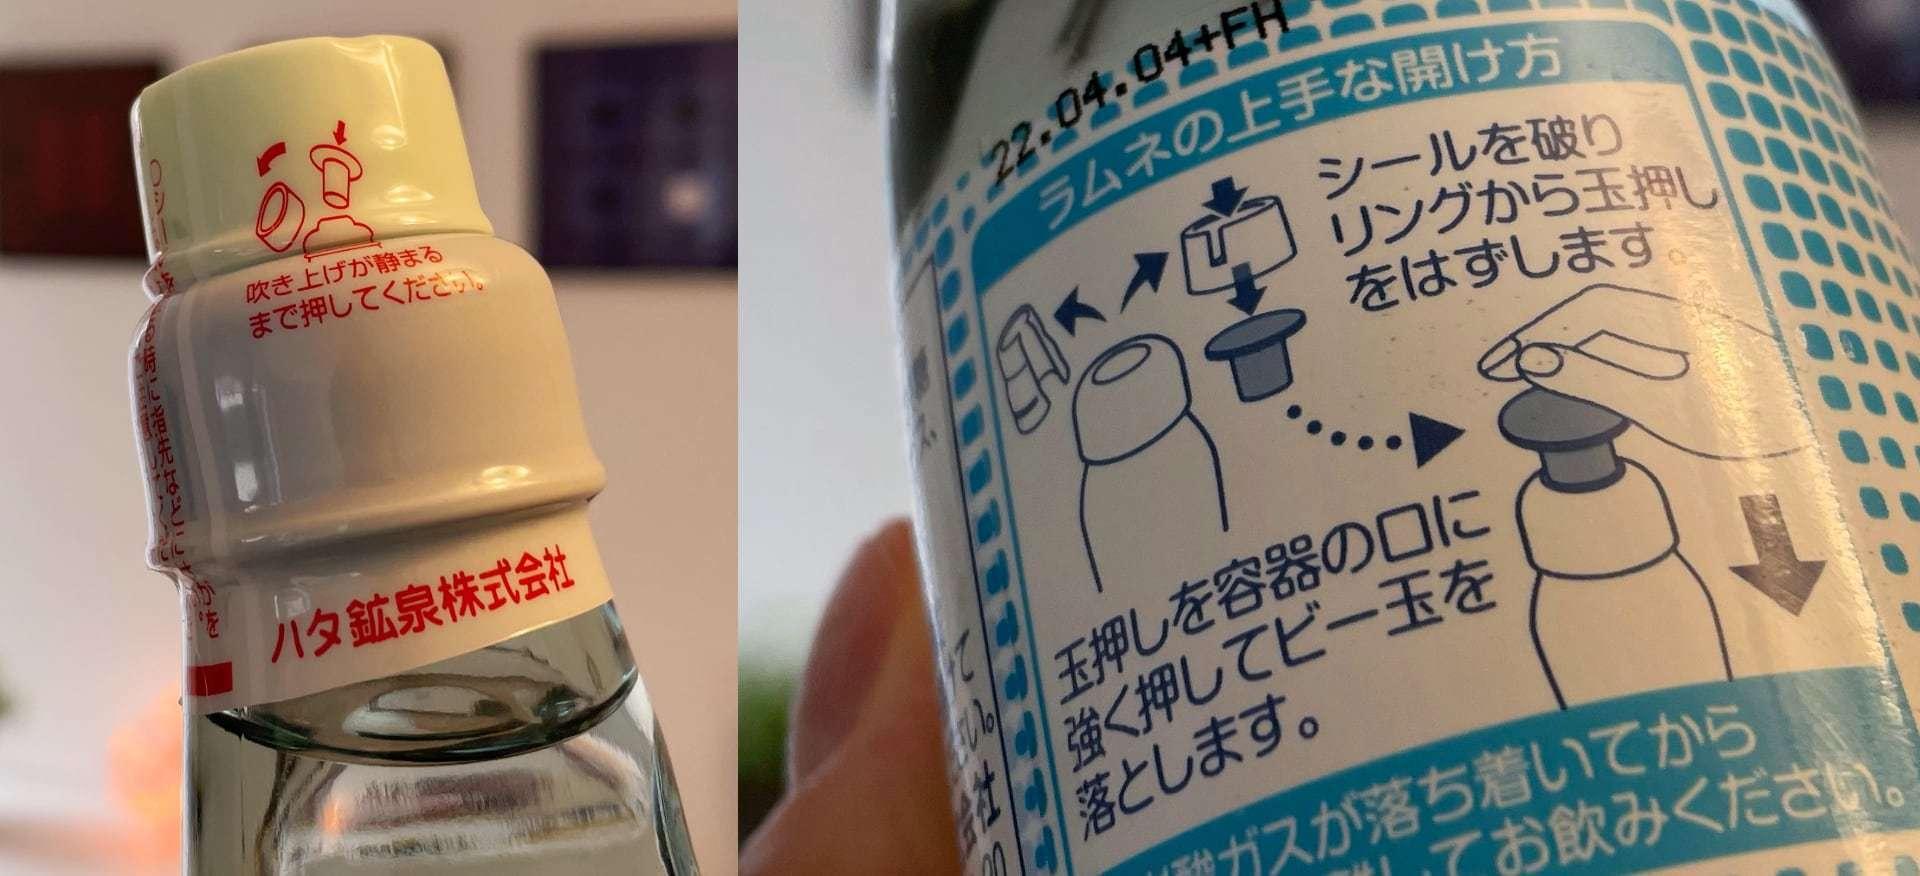 Anleitung zum Öffnen der Ramune Flasche auf dem Etikett